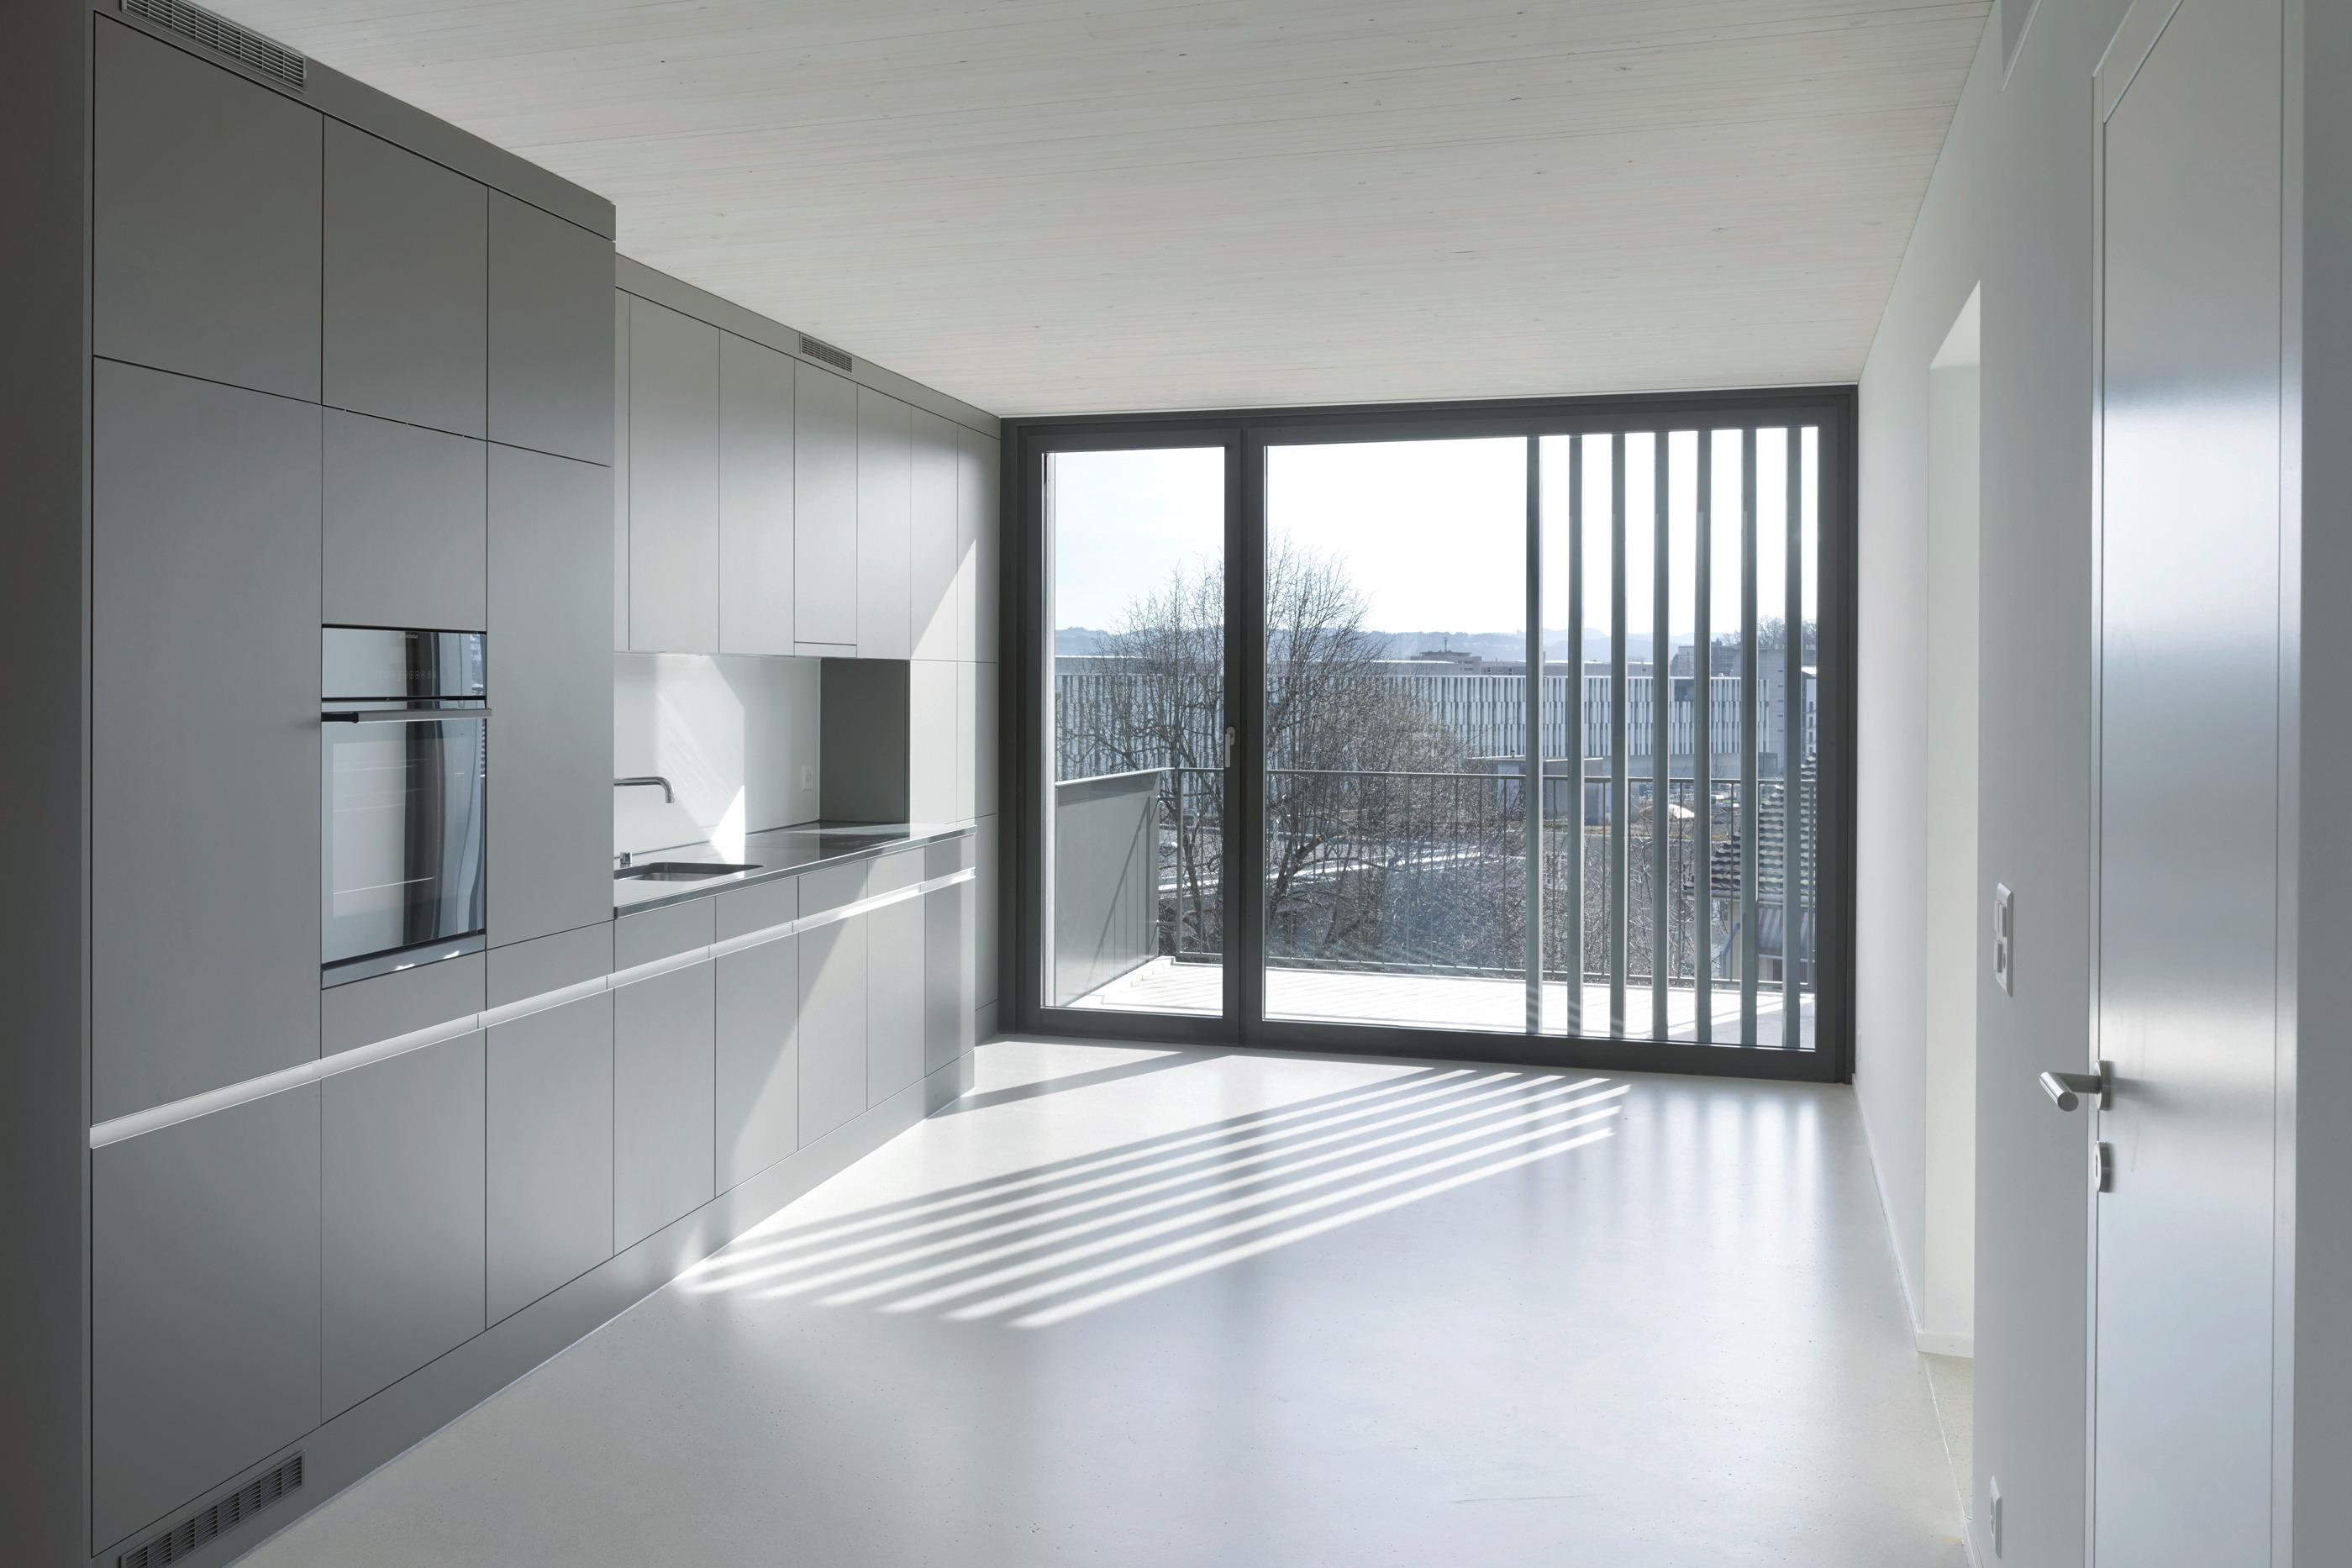 Lichtdurchflutete Küche mit bodentiefen Fenstern